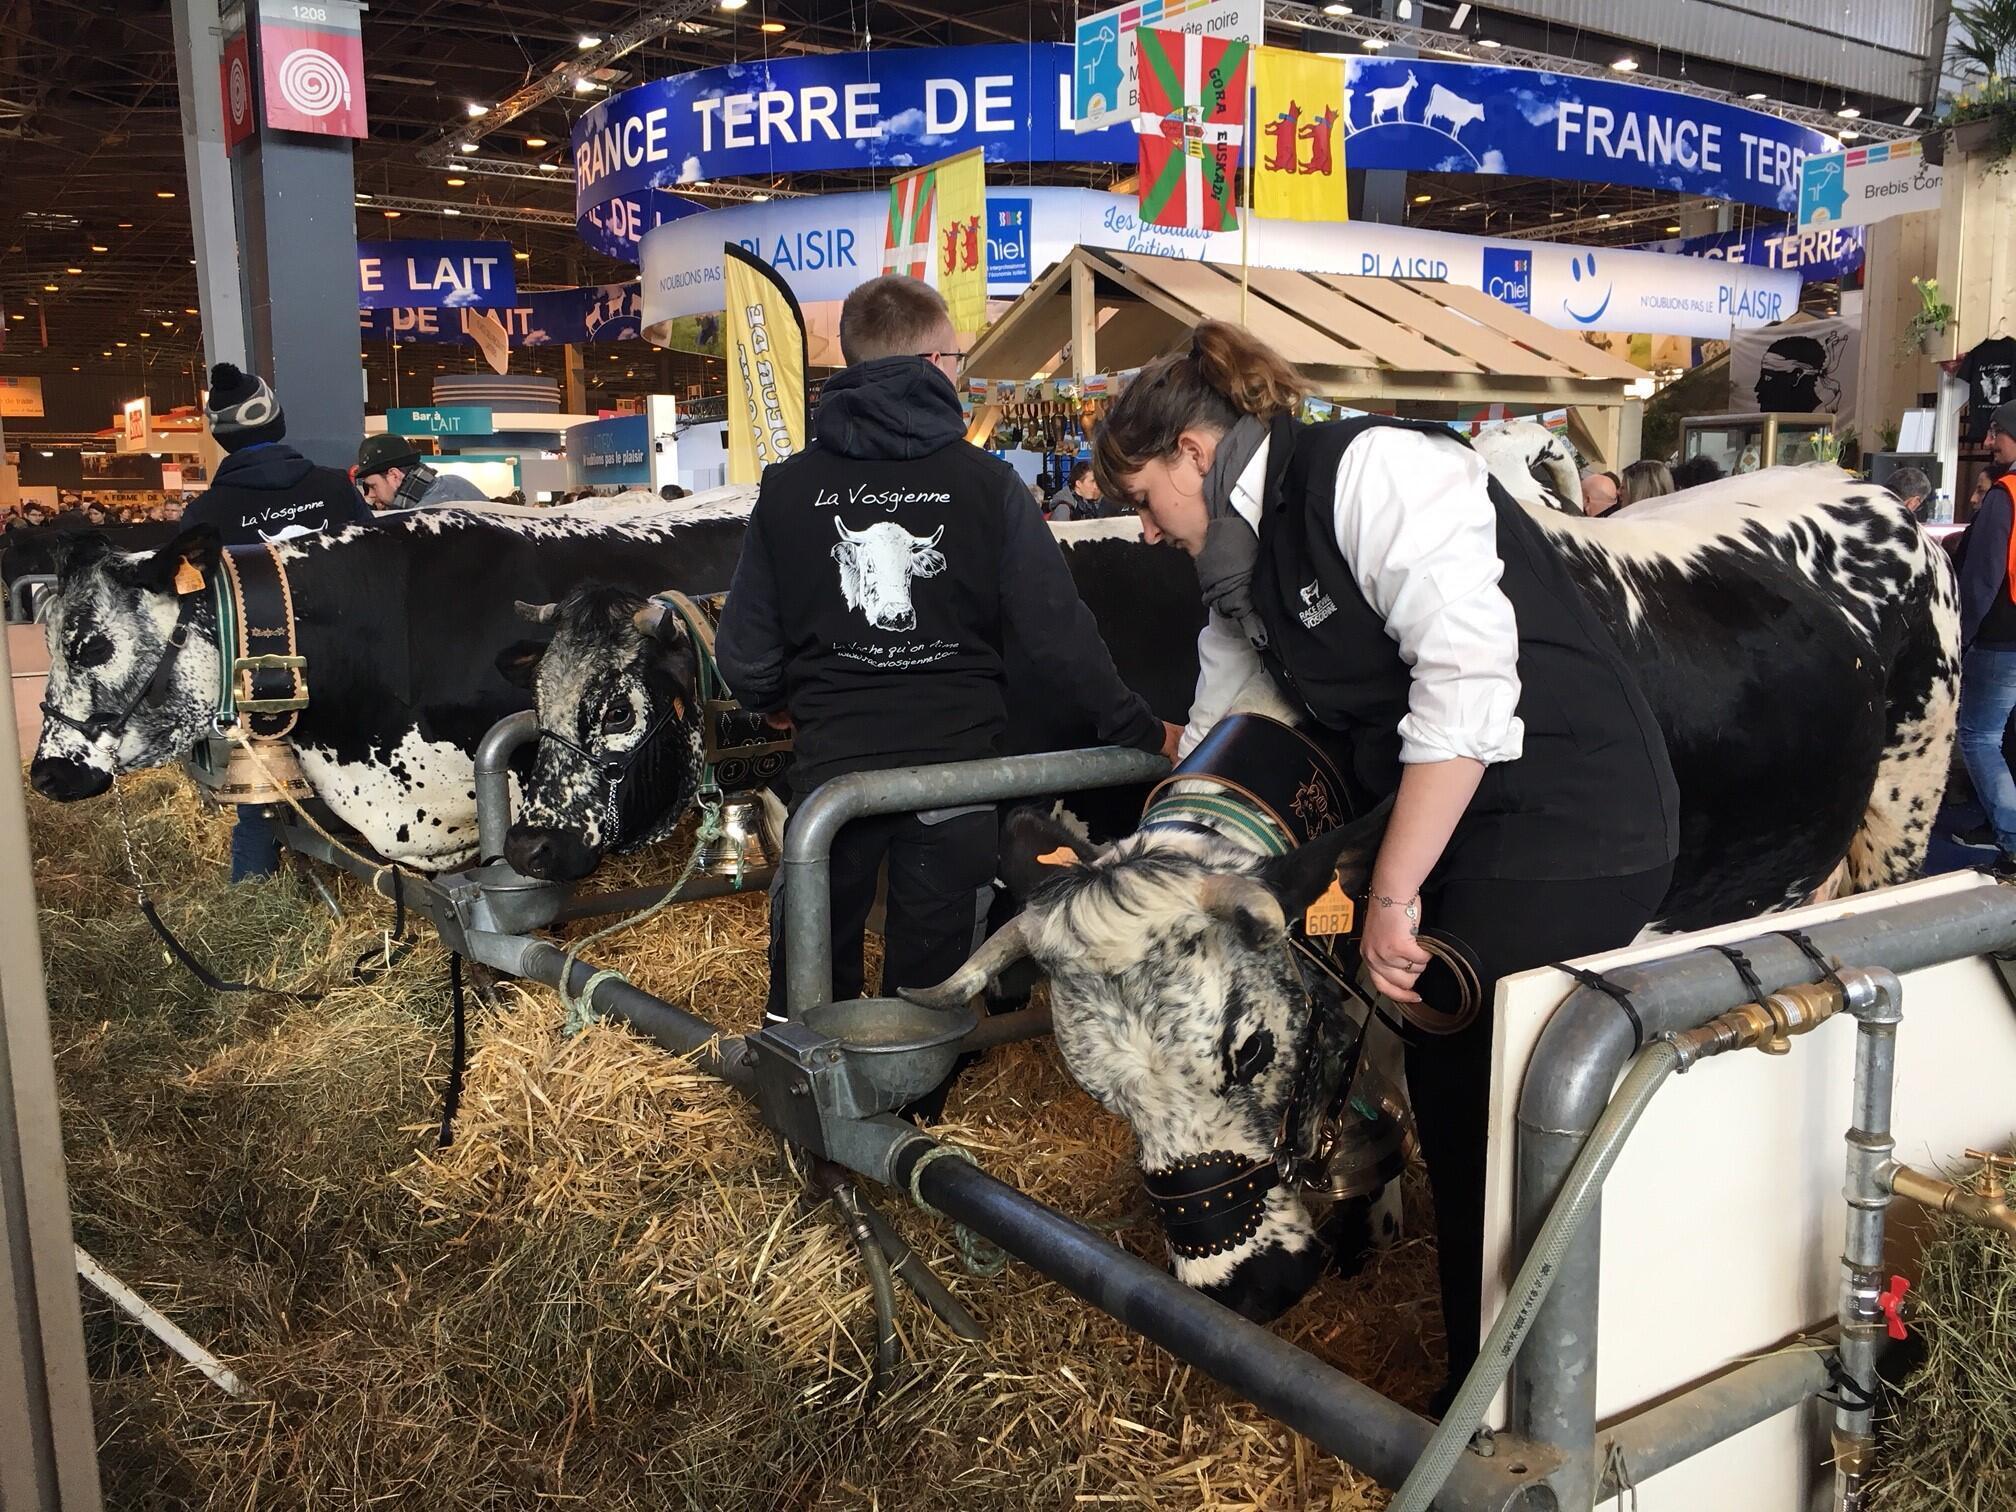 Acordo com o Mercosul pode liberar a entrada de até 100 mil toneladas de carne bovina sul-americana sem barreiras alfandegárias no bloco europeu.